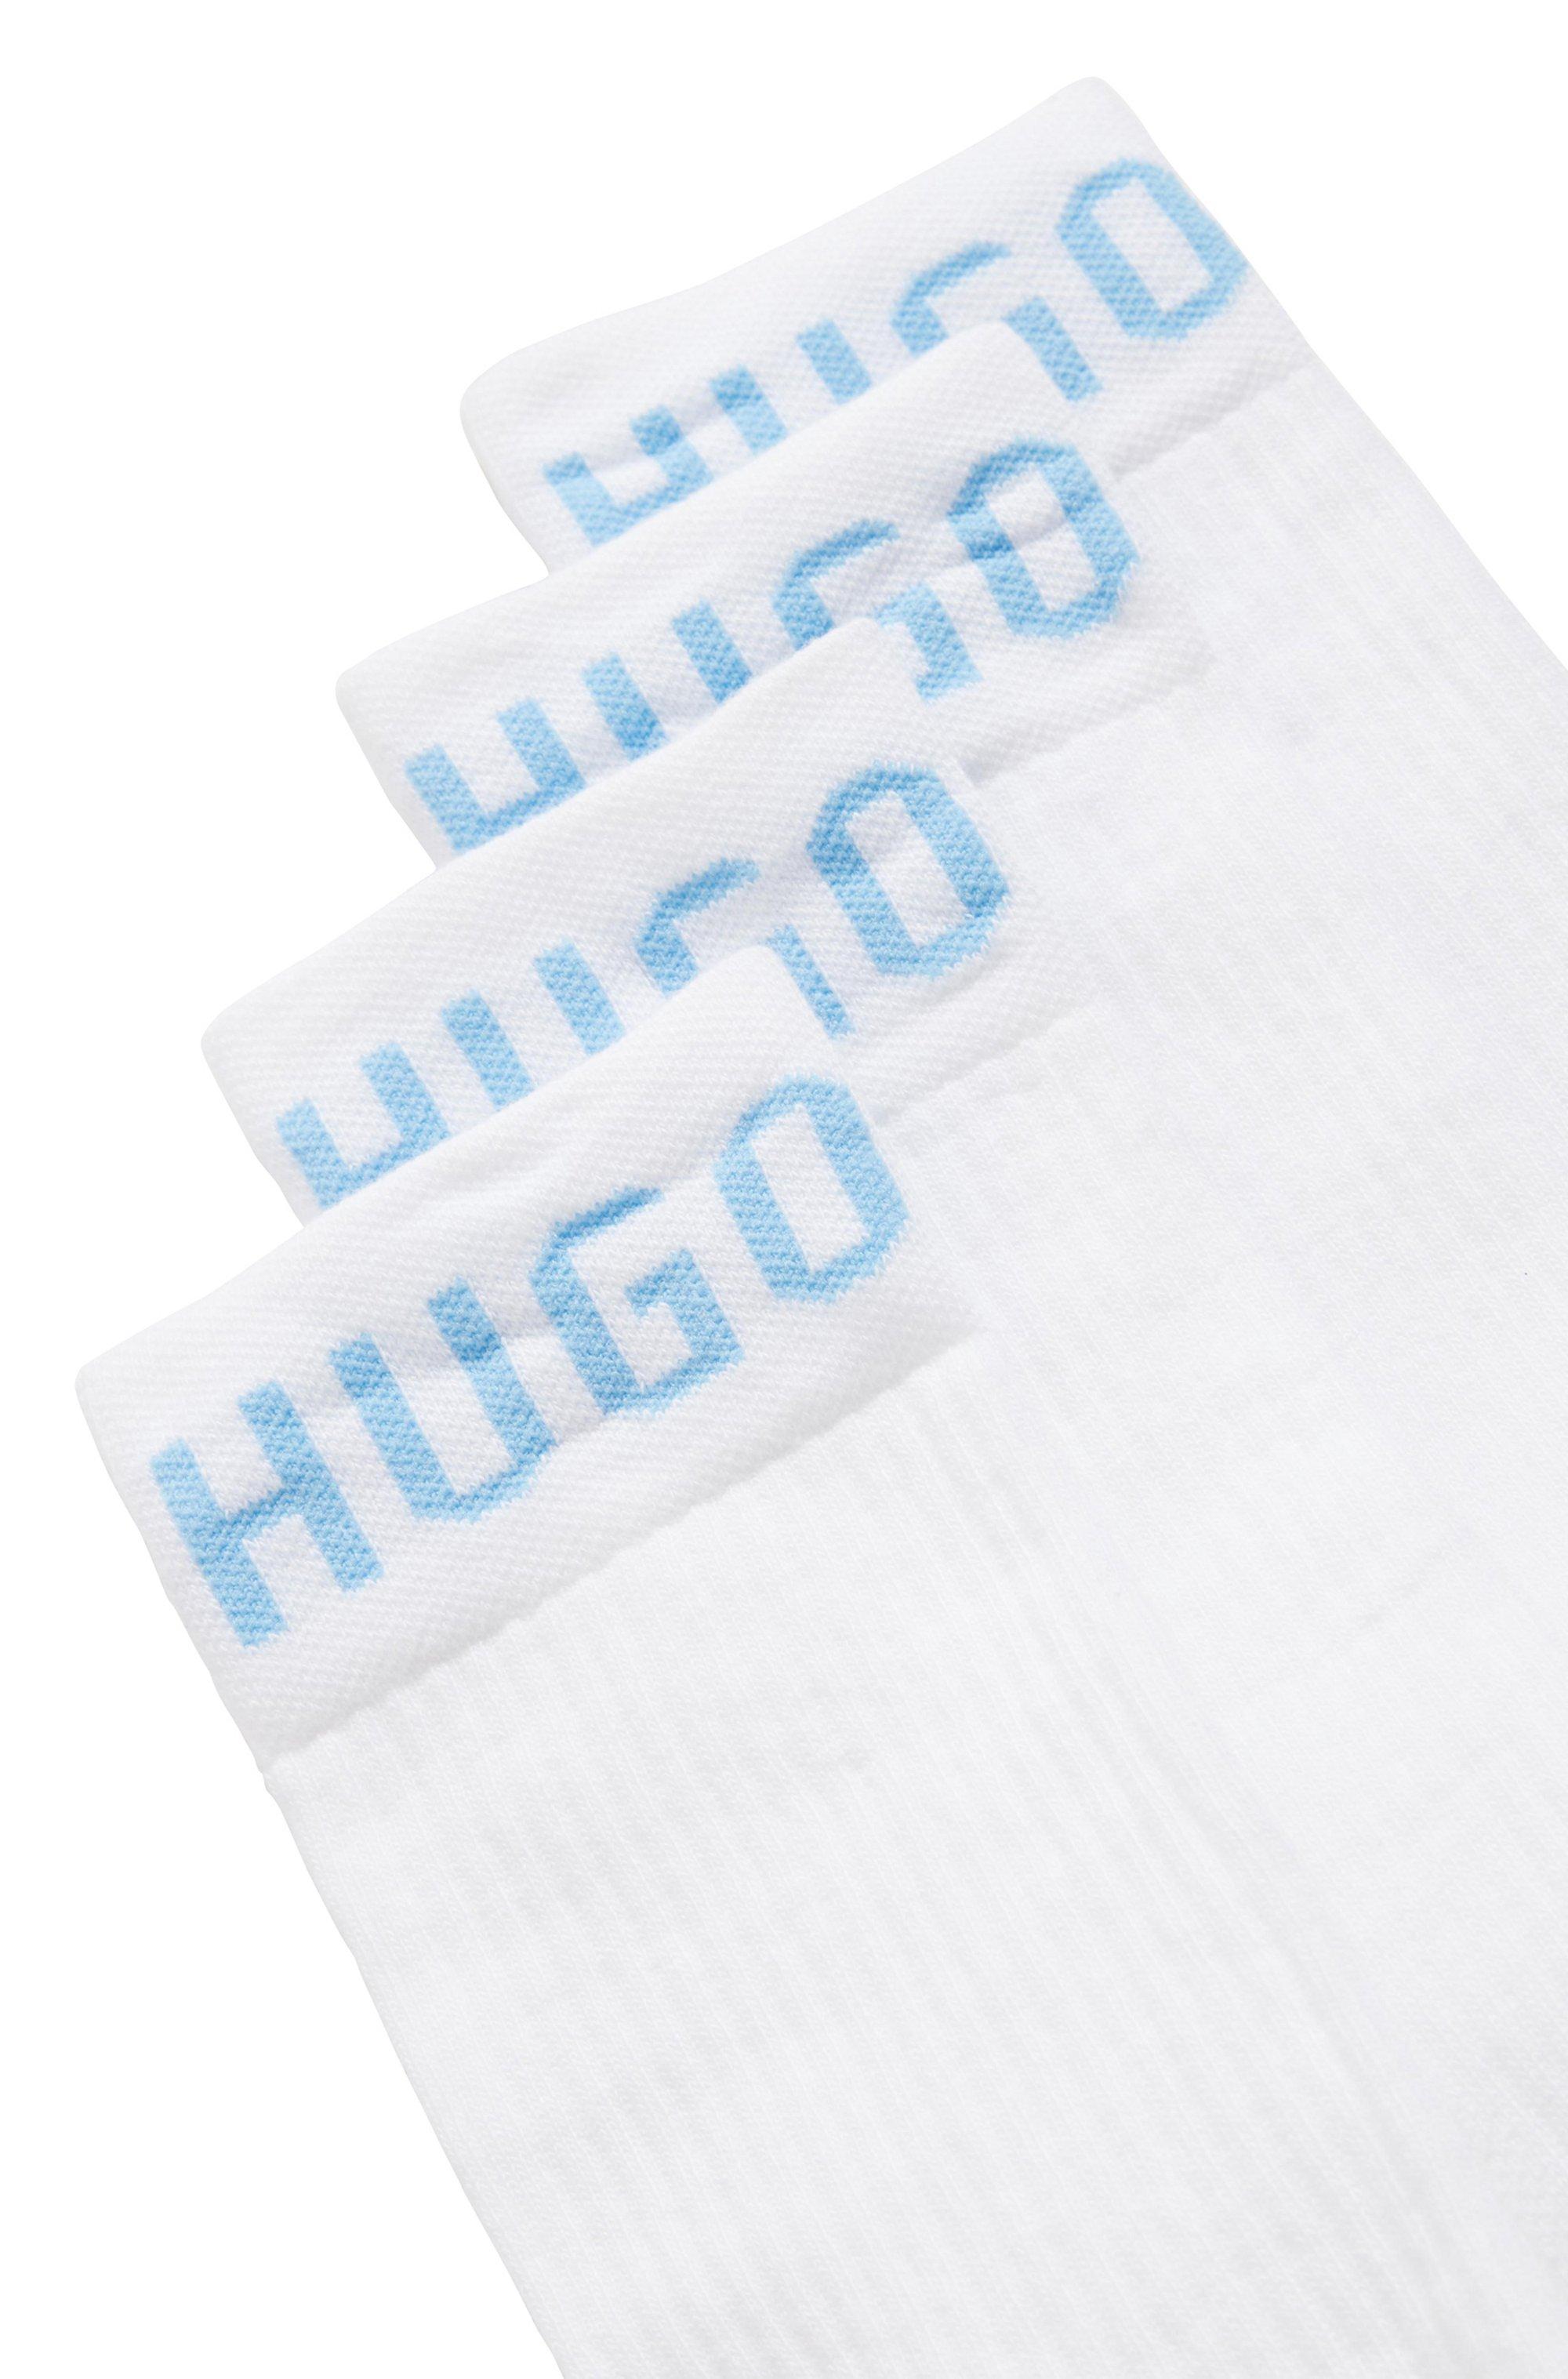 Two-pack of quarter-length cotton-blend socks